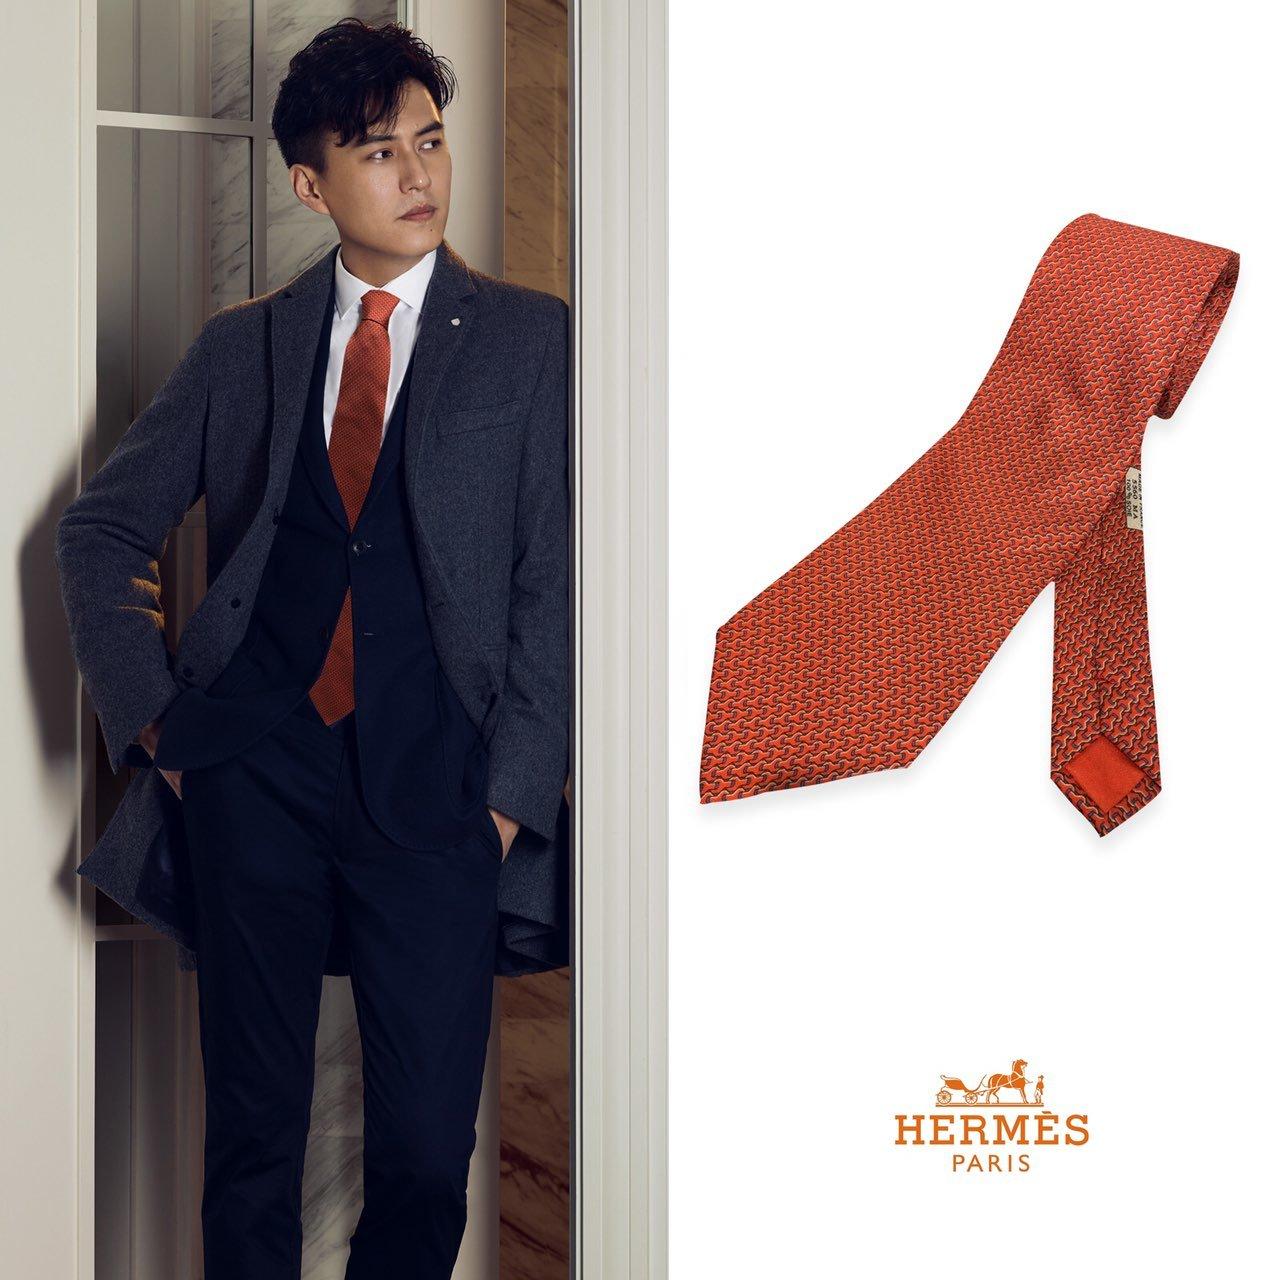 上新爱马仕2019男士新款领带系列H